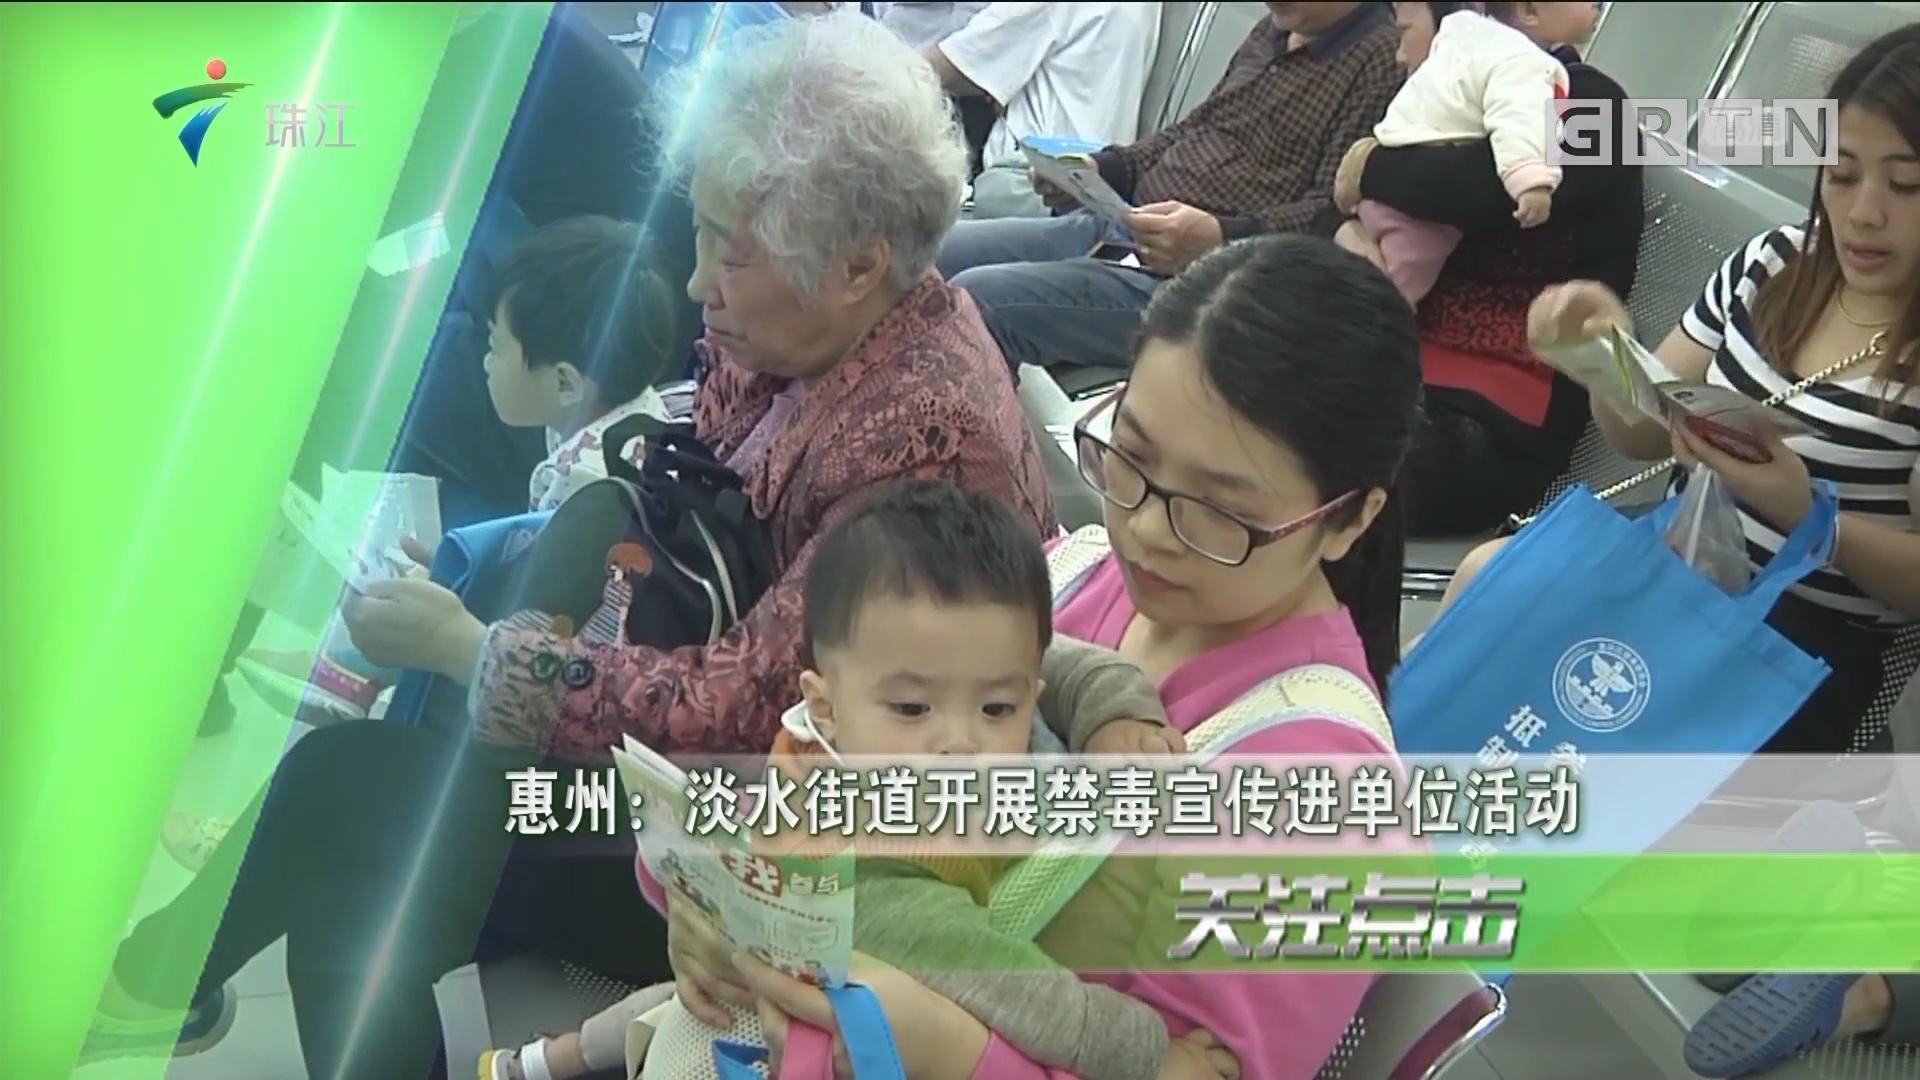 惠州:淡水街道开展禁毒宣传进单位活动